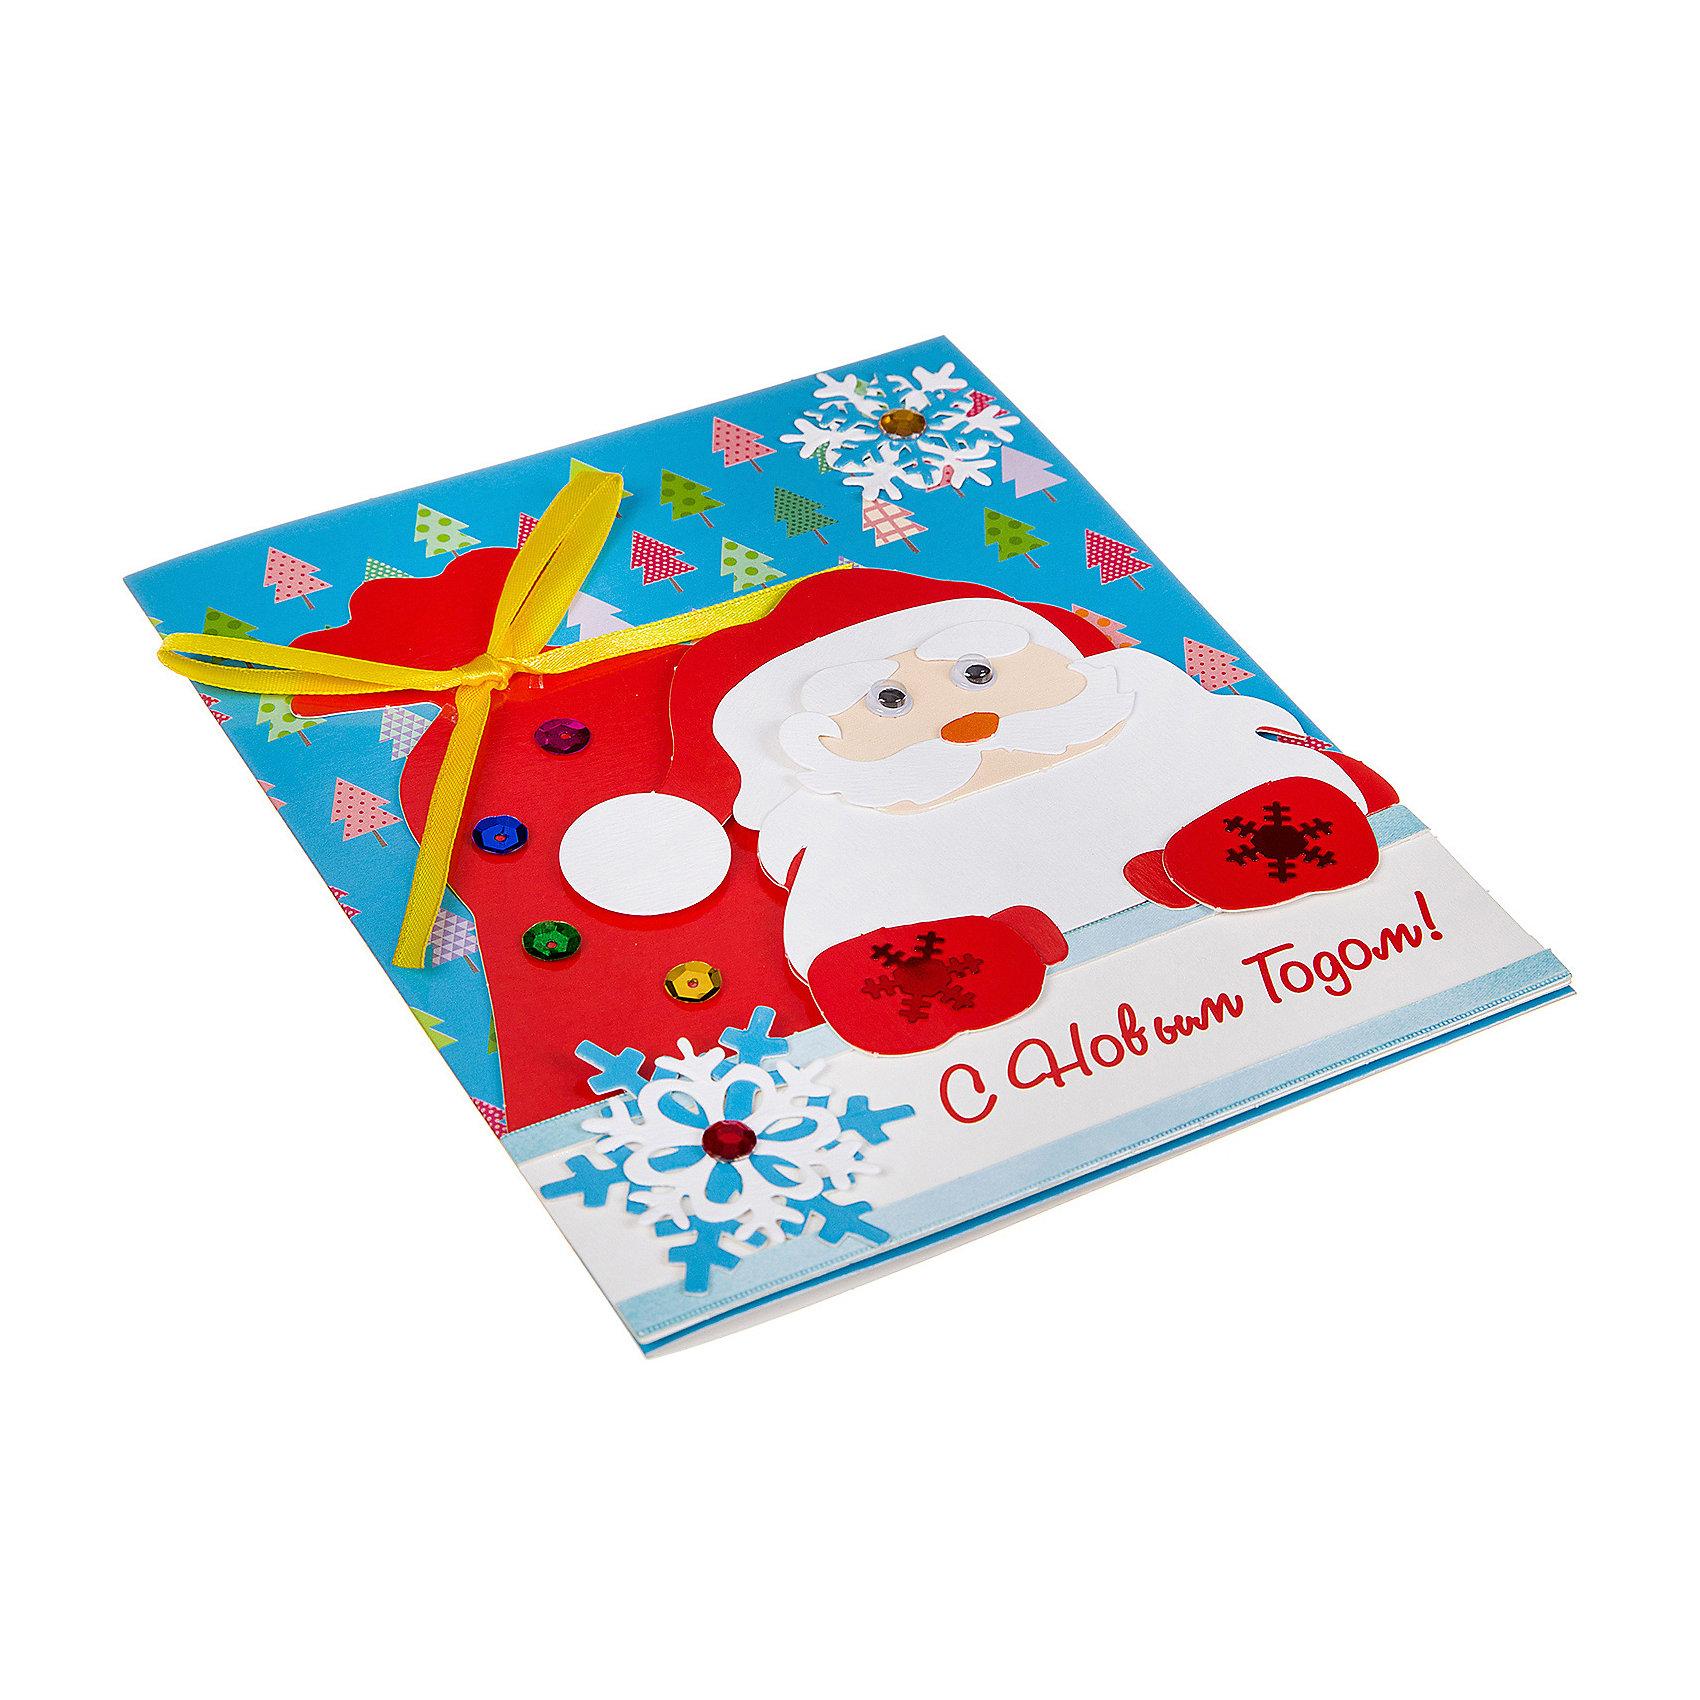 Открыток самара, открытки 2012 набор